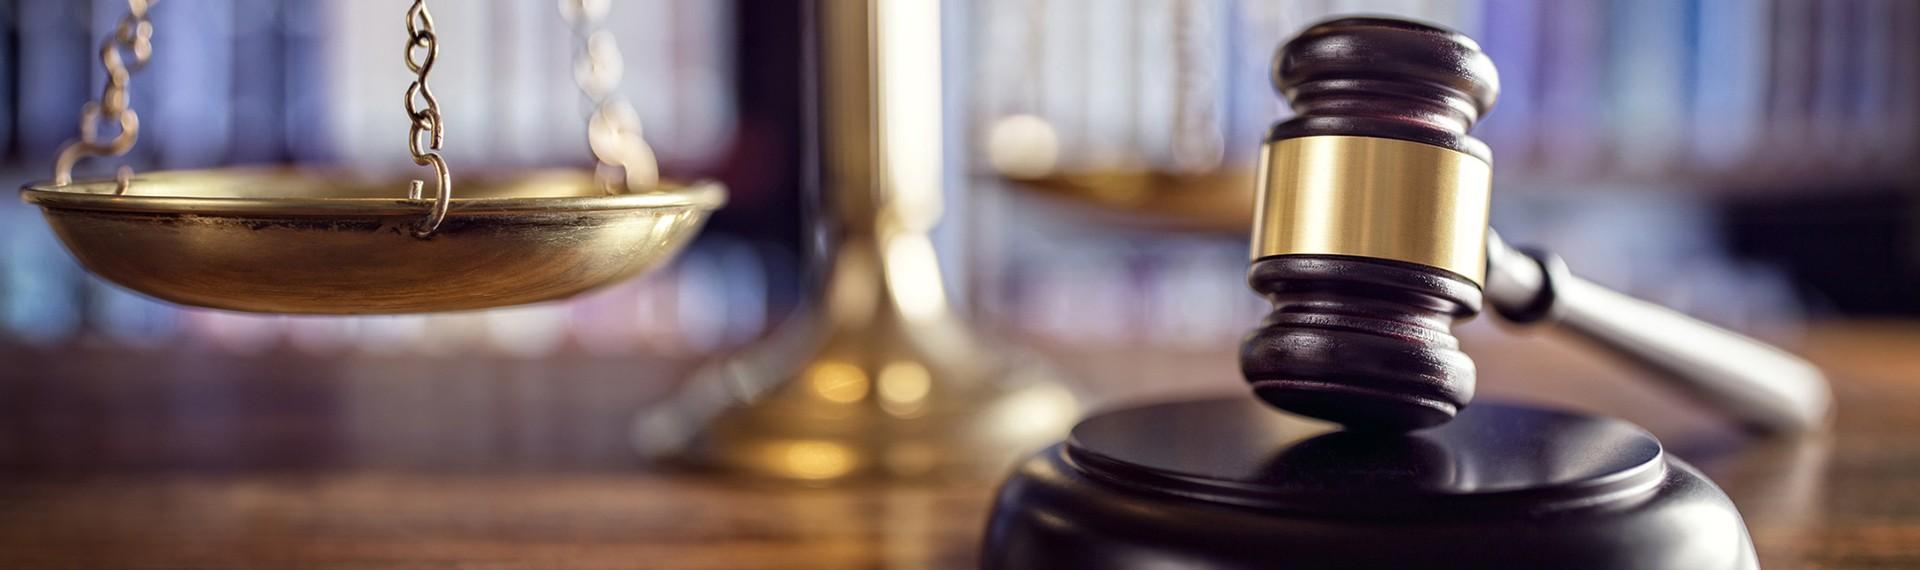 Contratar abogado en cordoba